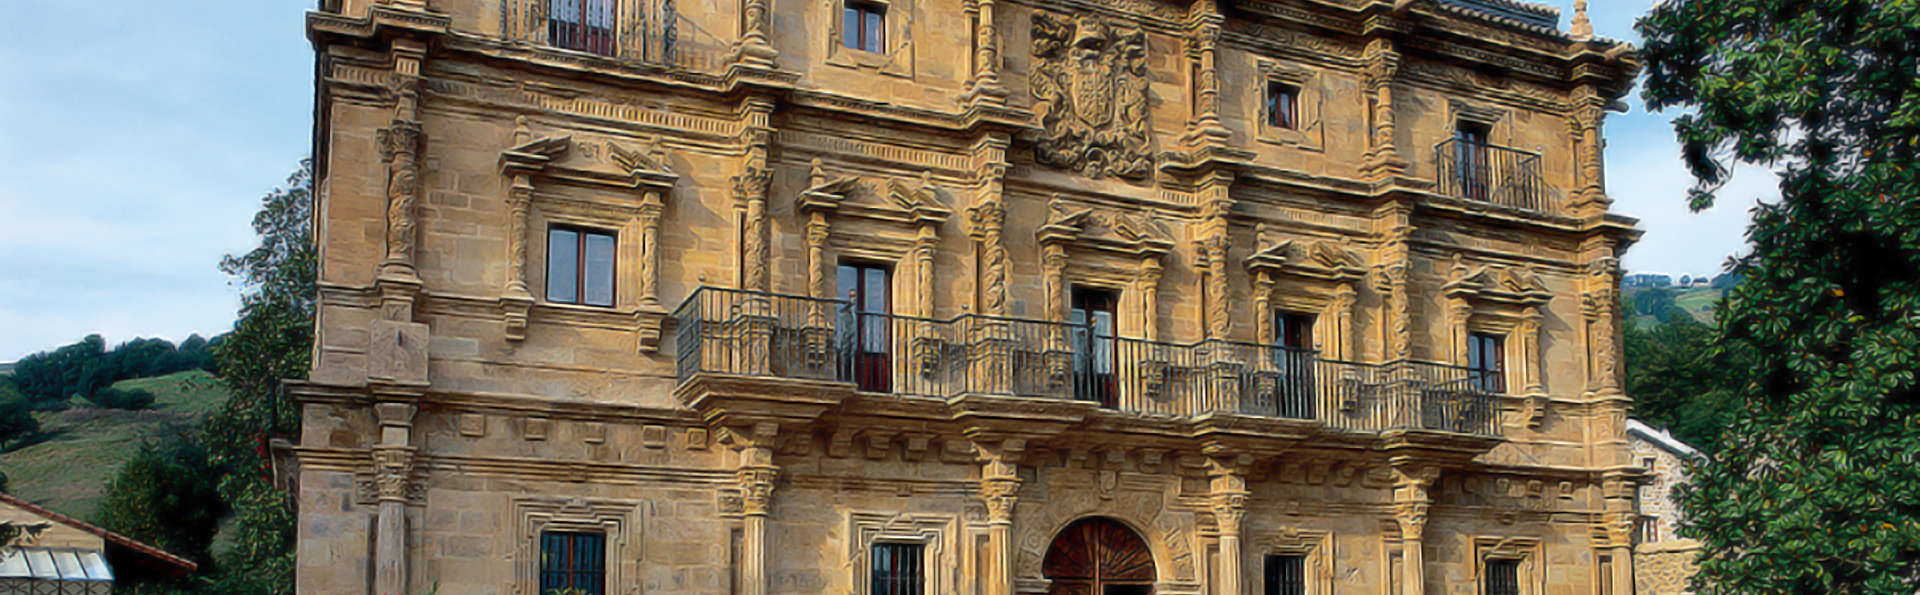 Abba Palacio de Soñanes - Edit_Front3.jpg